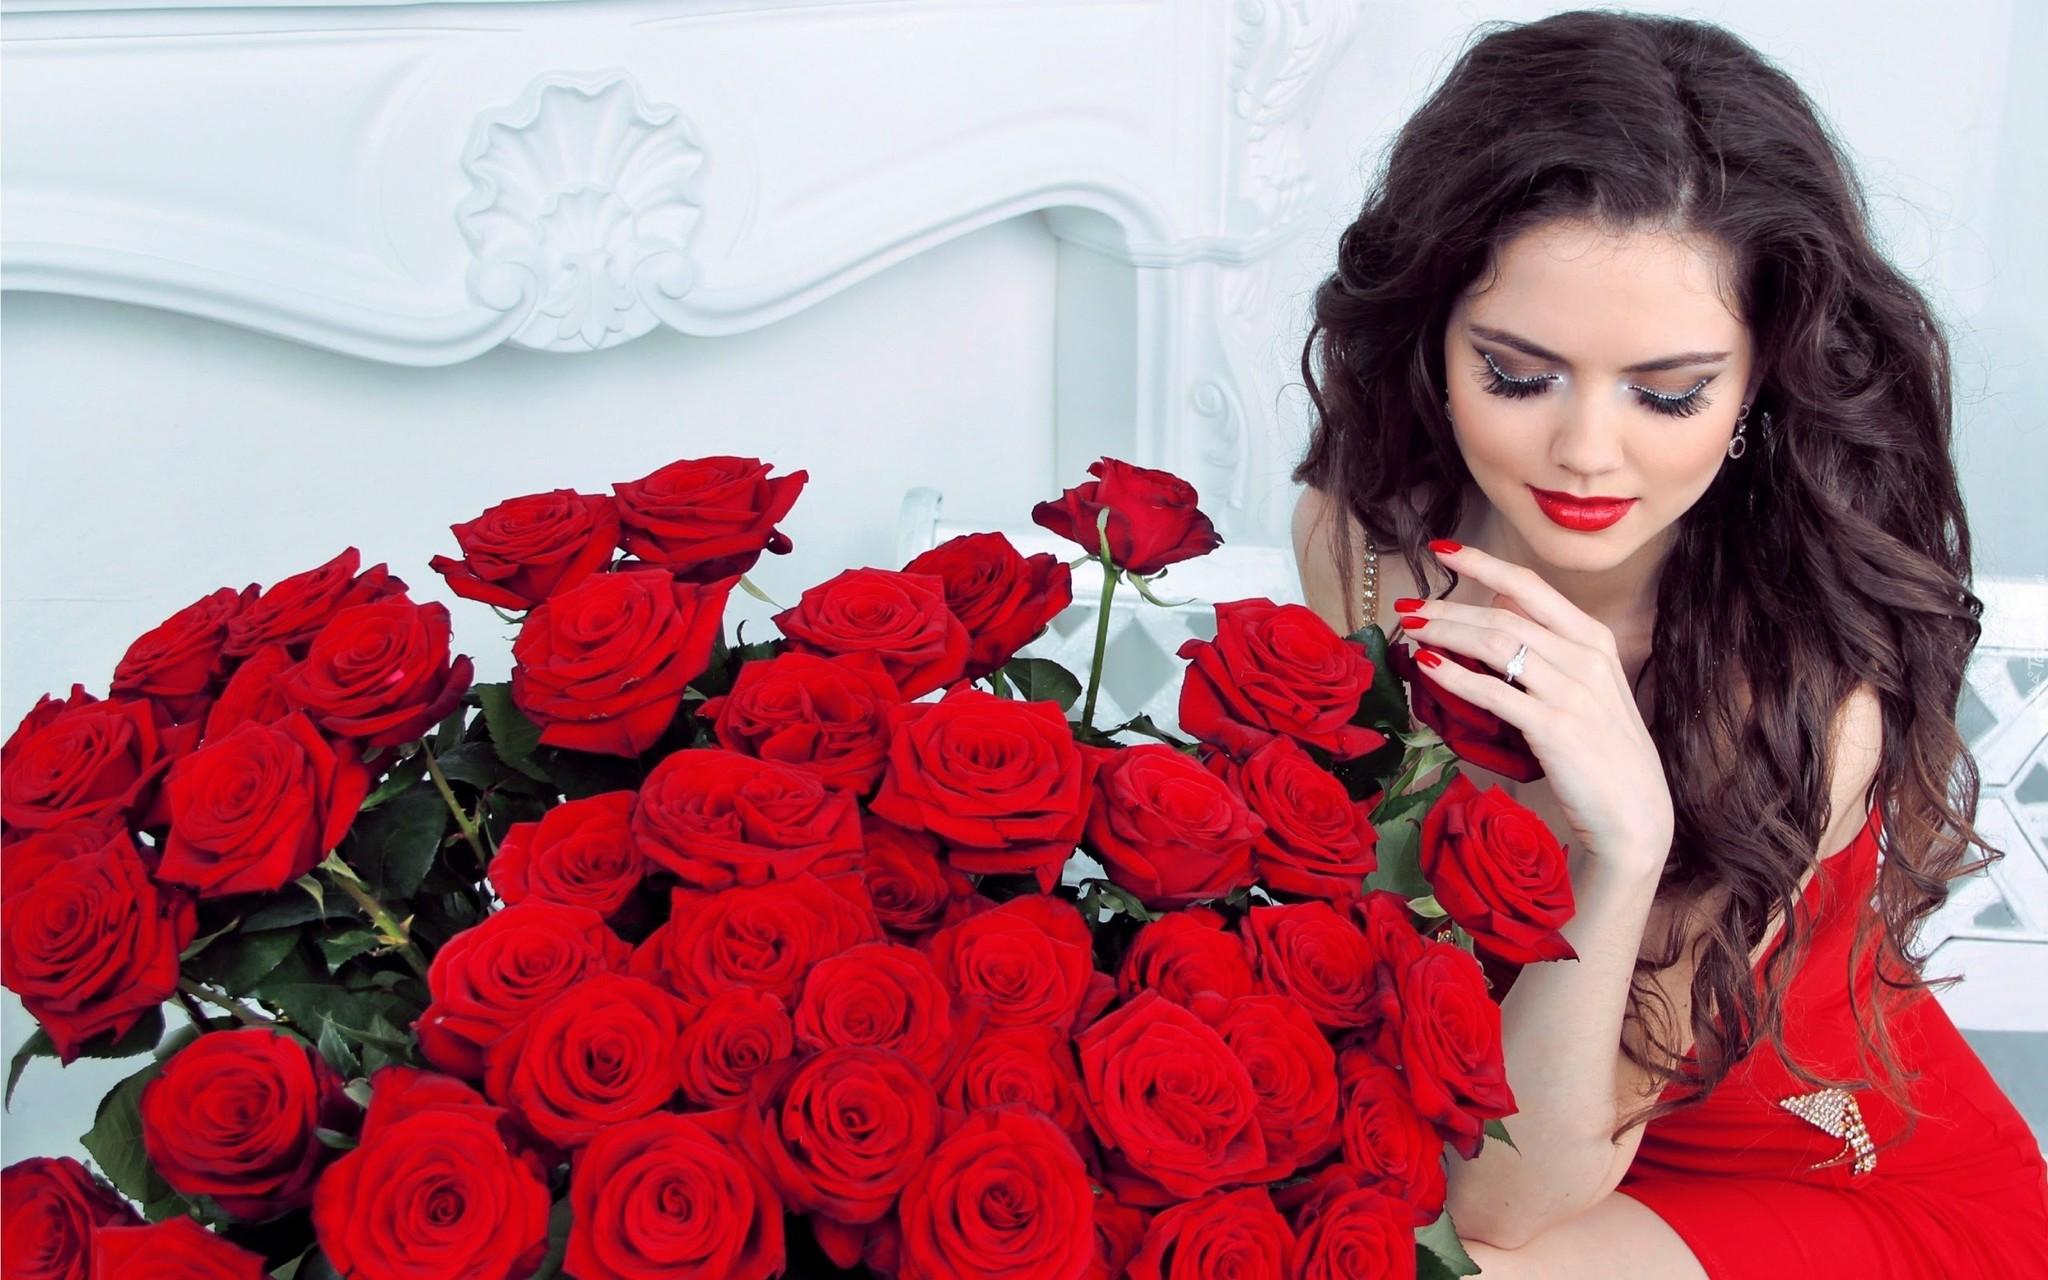 Красивые картинки женщин с надписью, февраля красивые